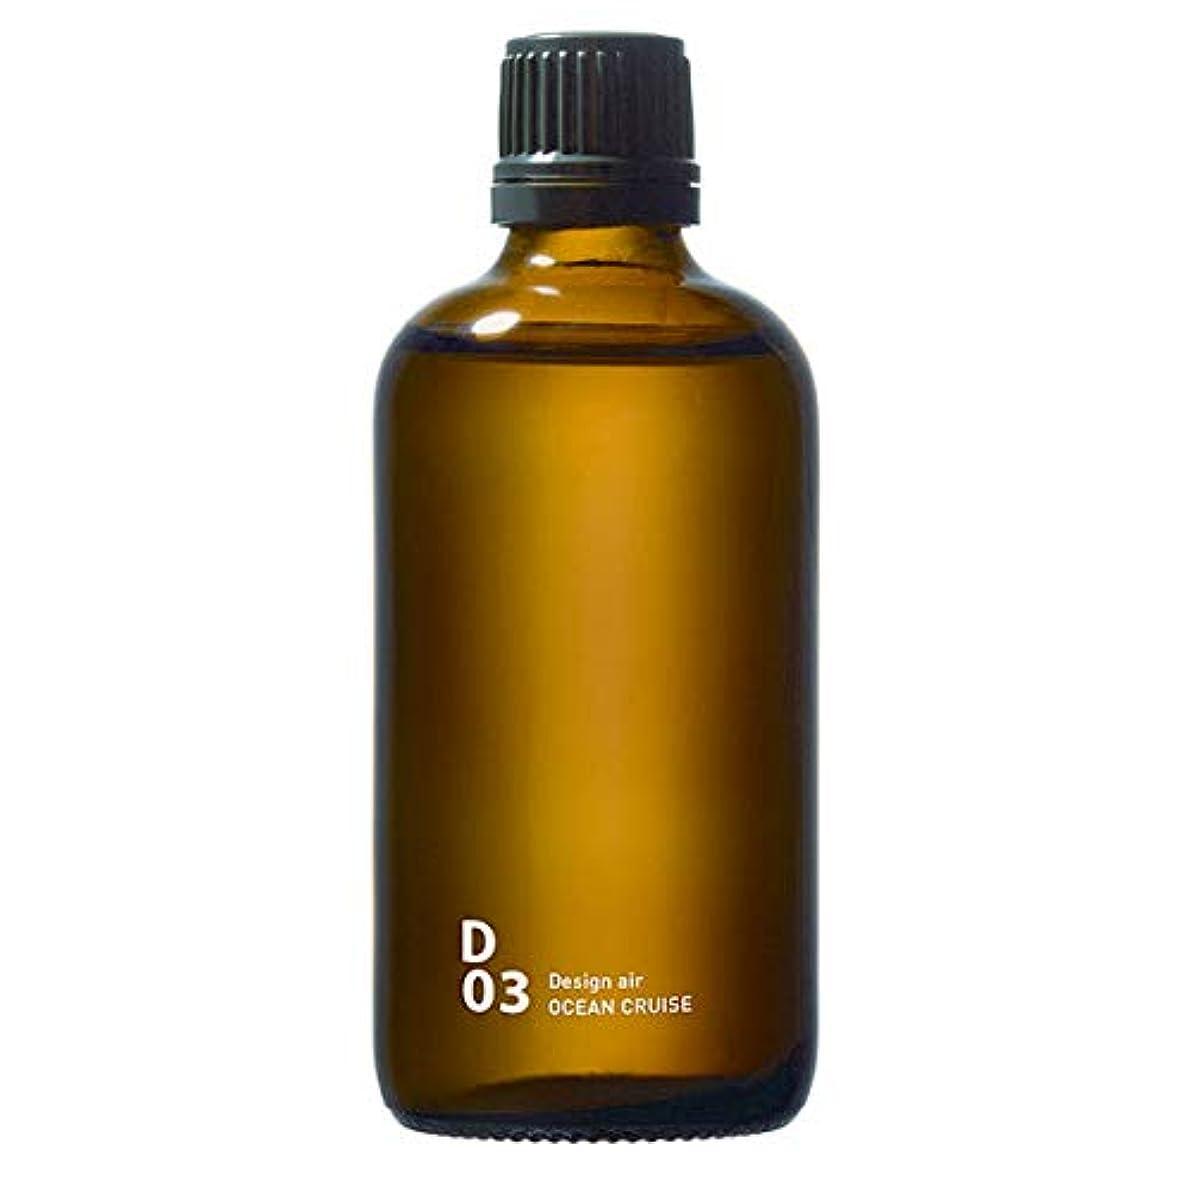 ワット一緒準備するD03 OCEAN CRUISE piezo aroma oil 100ml